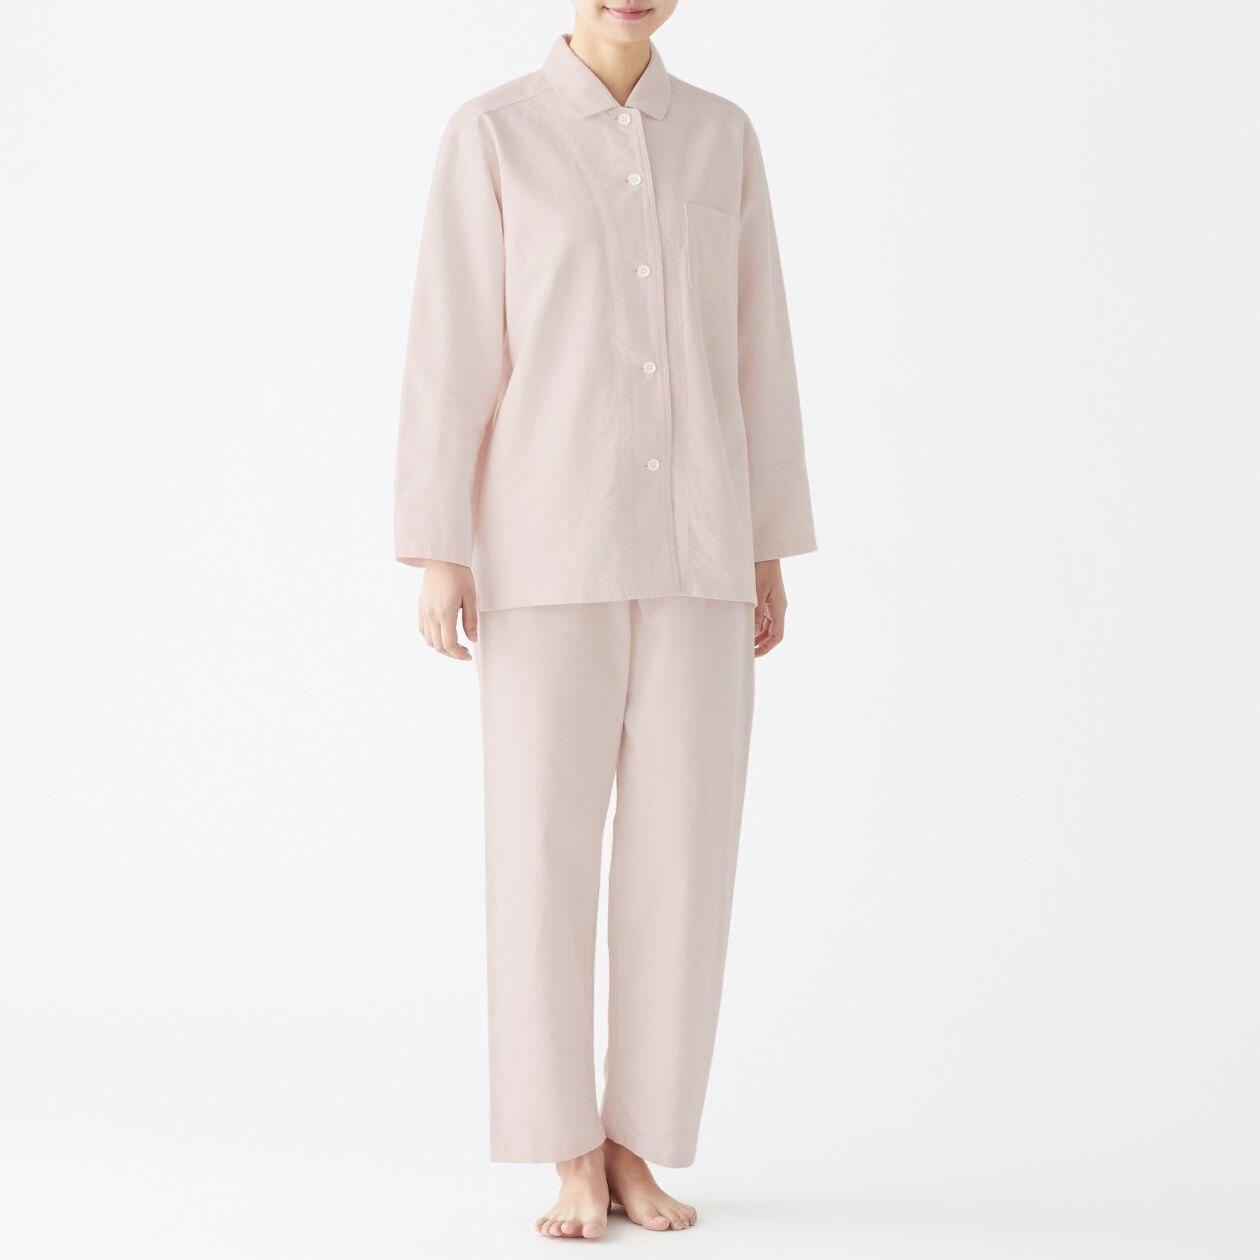 脇に縫い目のない オックスフォードパジャマ